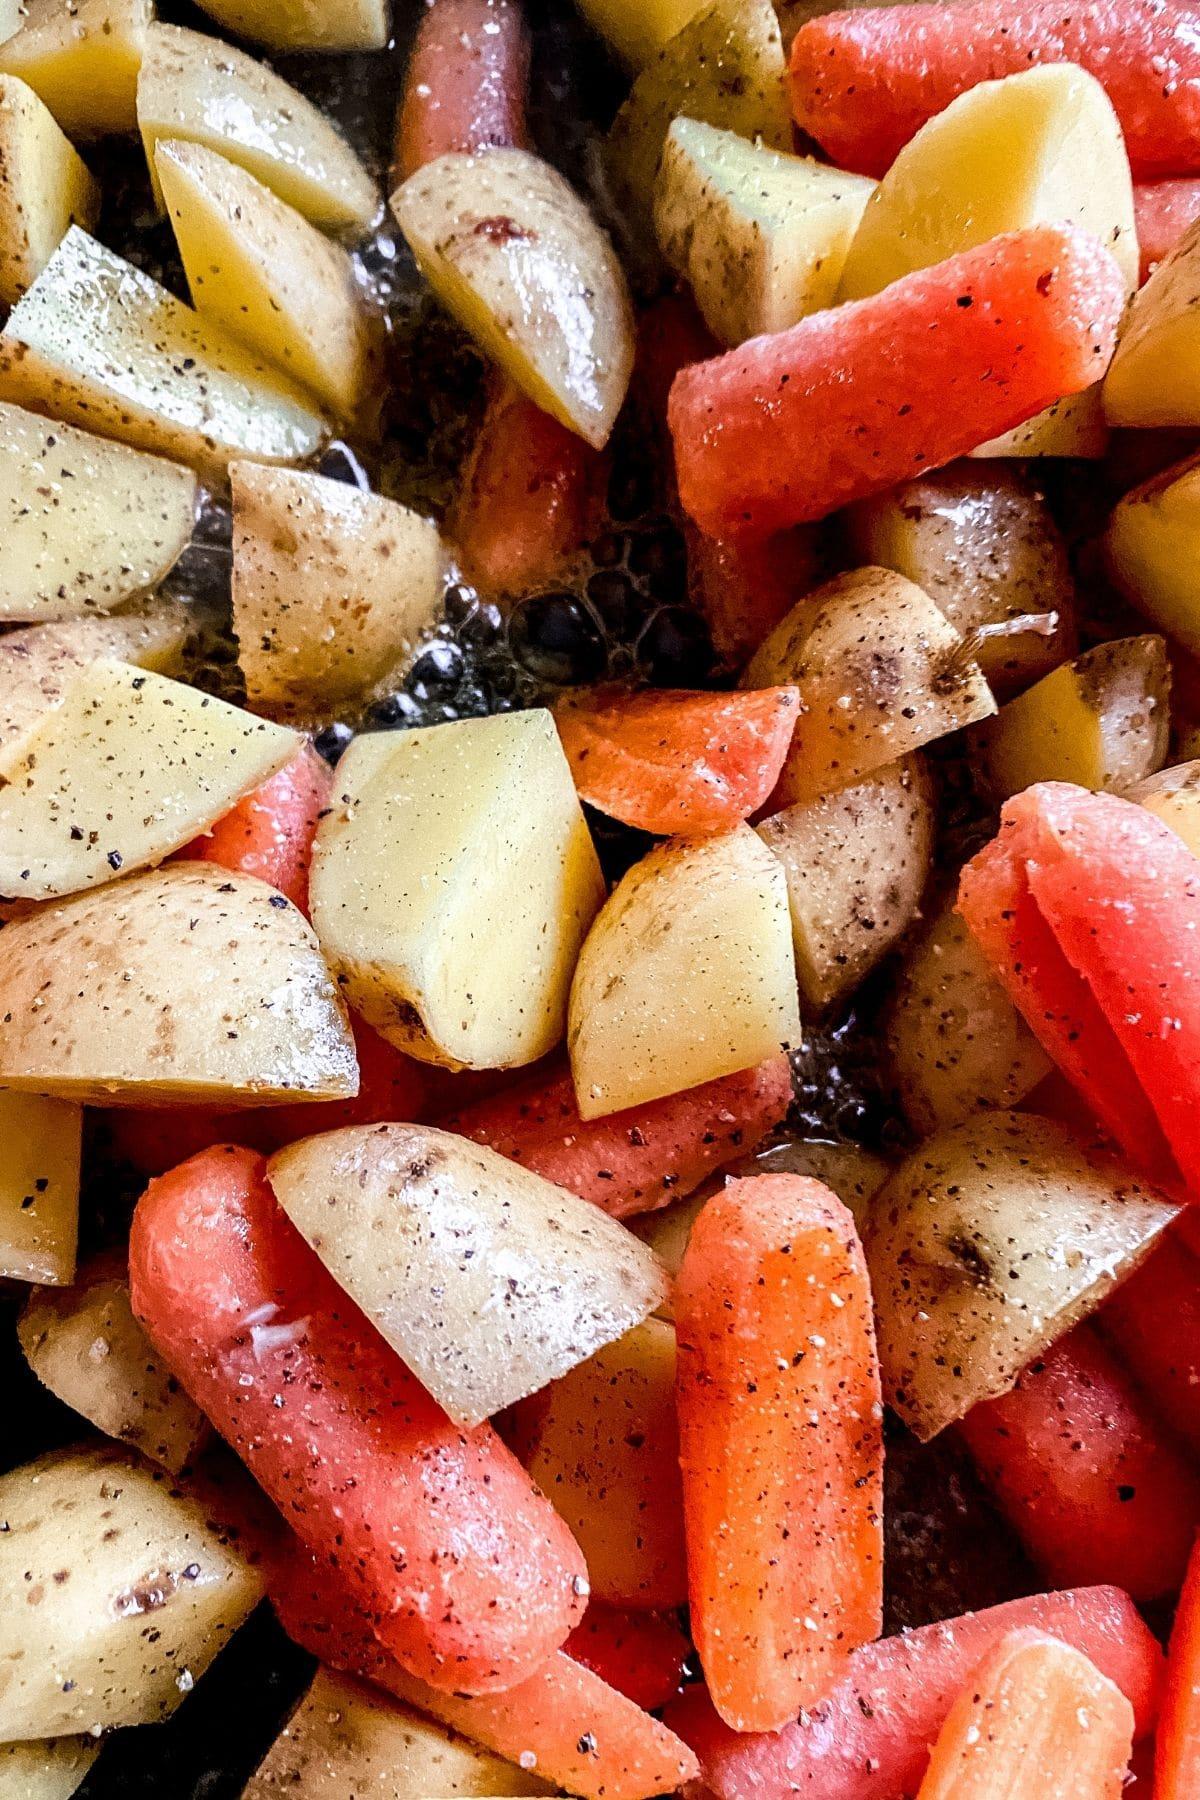 Potatoes and carrots seasoned in pan